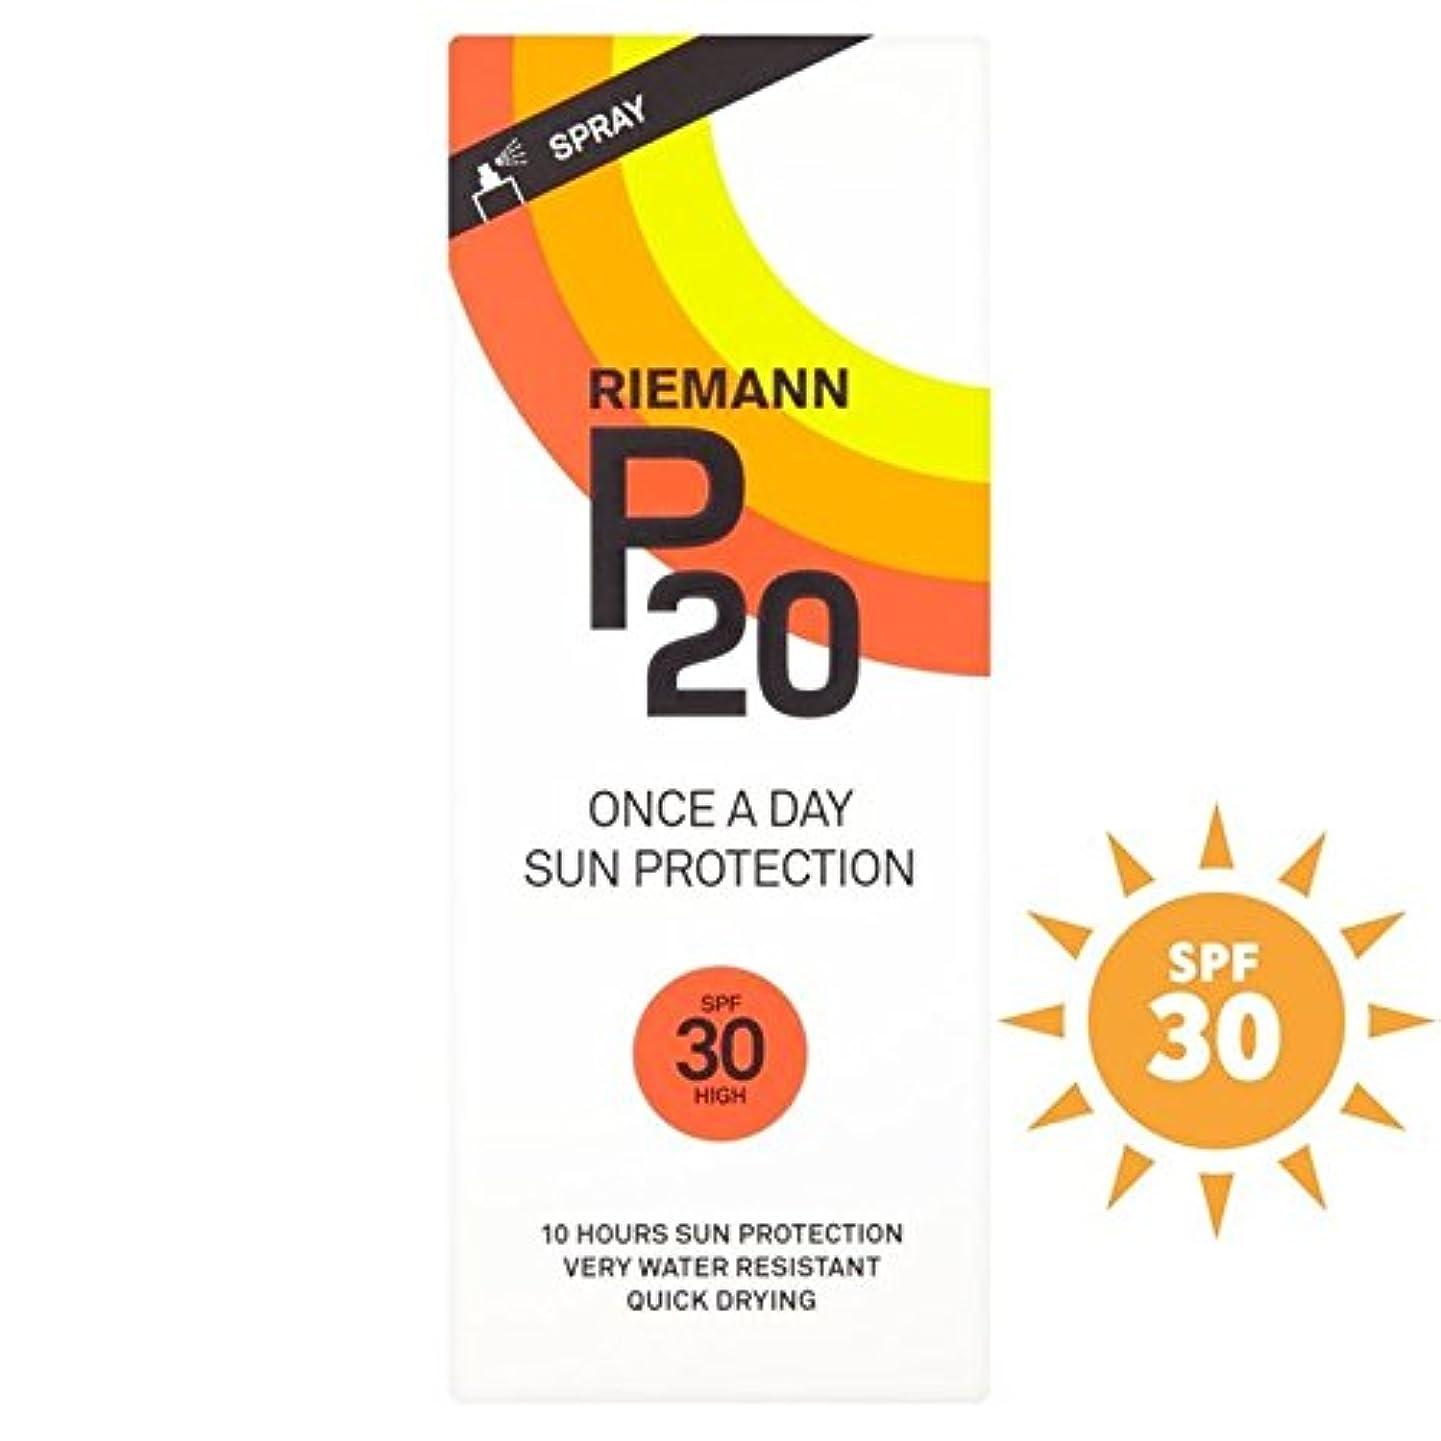 機構避けられないパースブラックボロウRiemann P20 SPF30 1 Day/10 Hour Protection 200ml - リーマン20 30 1日/ 10時間の保護200ミリリットル [並行輸入品]